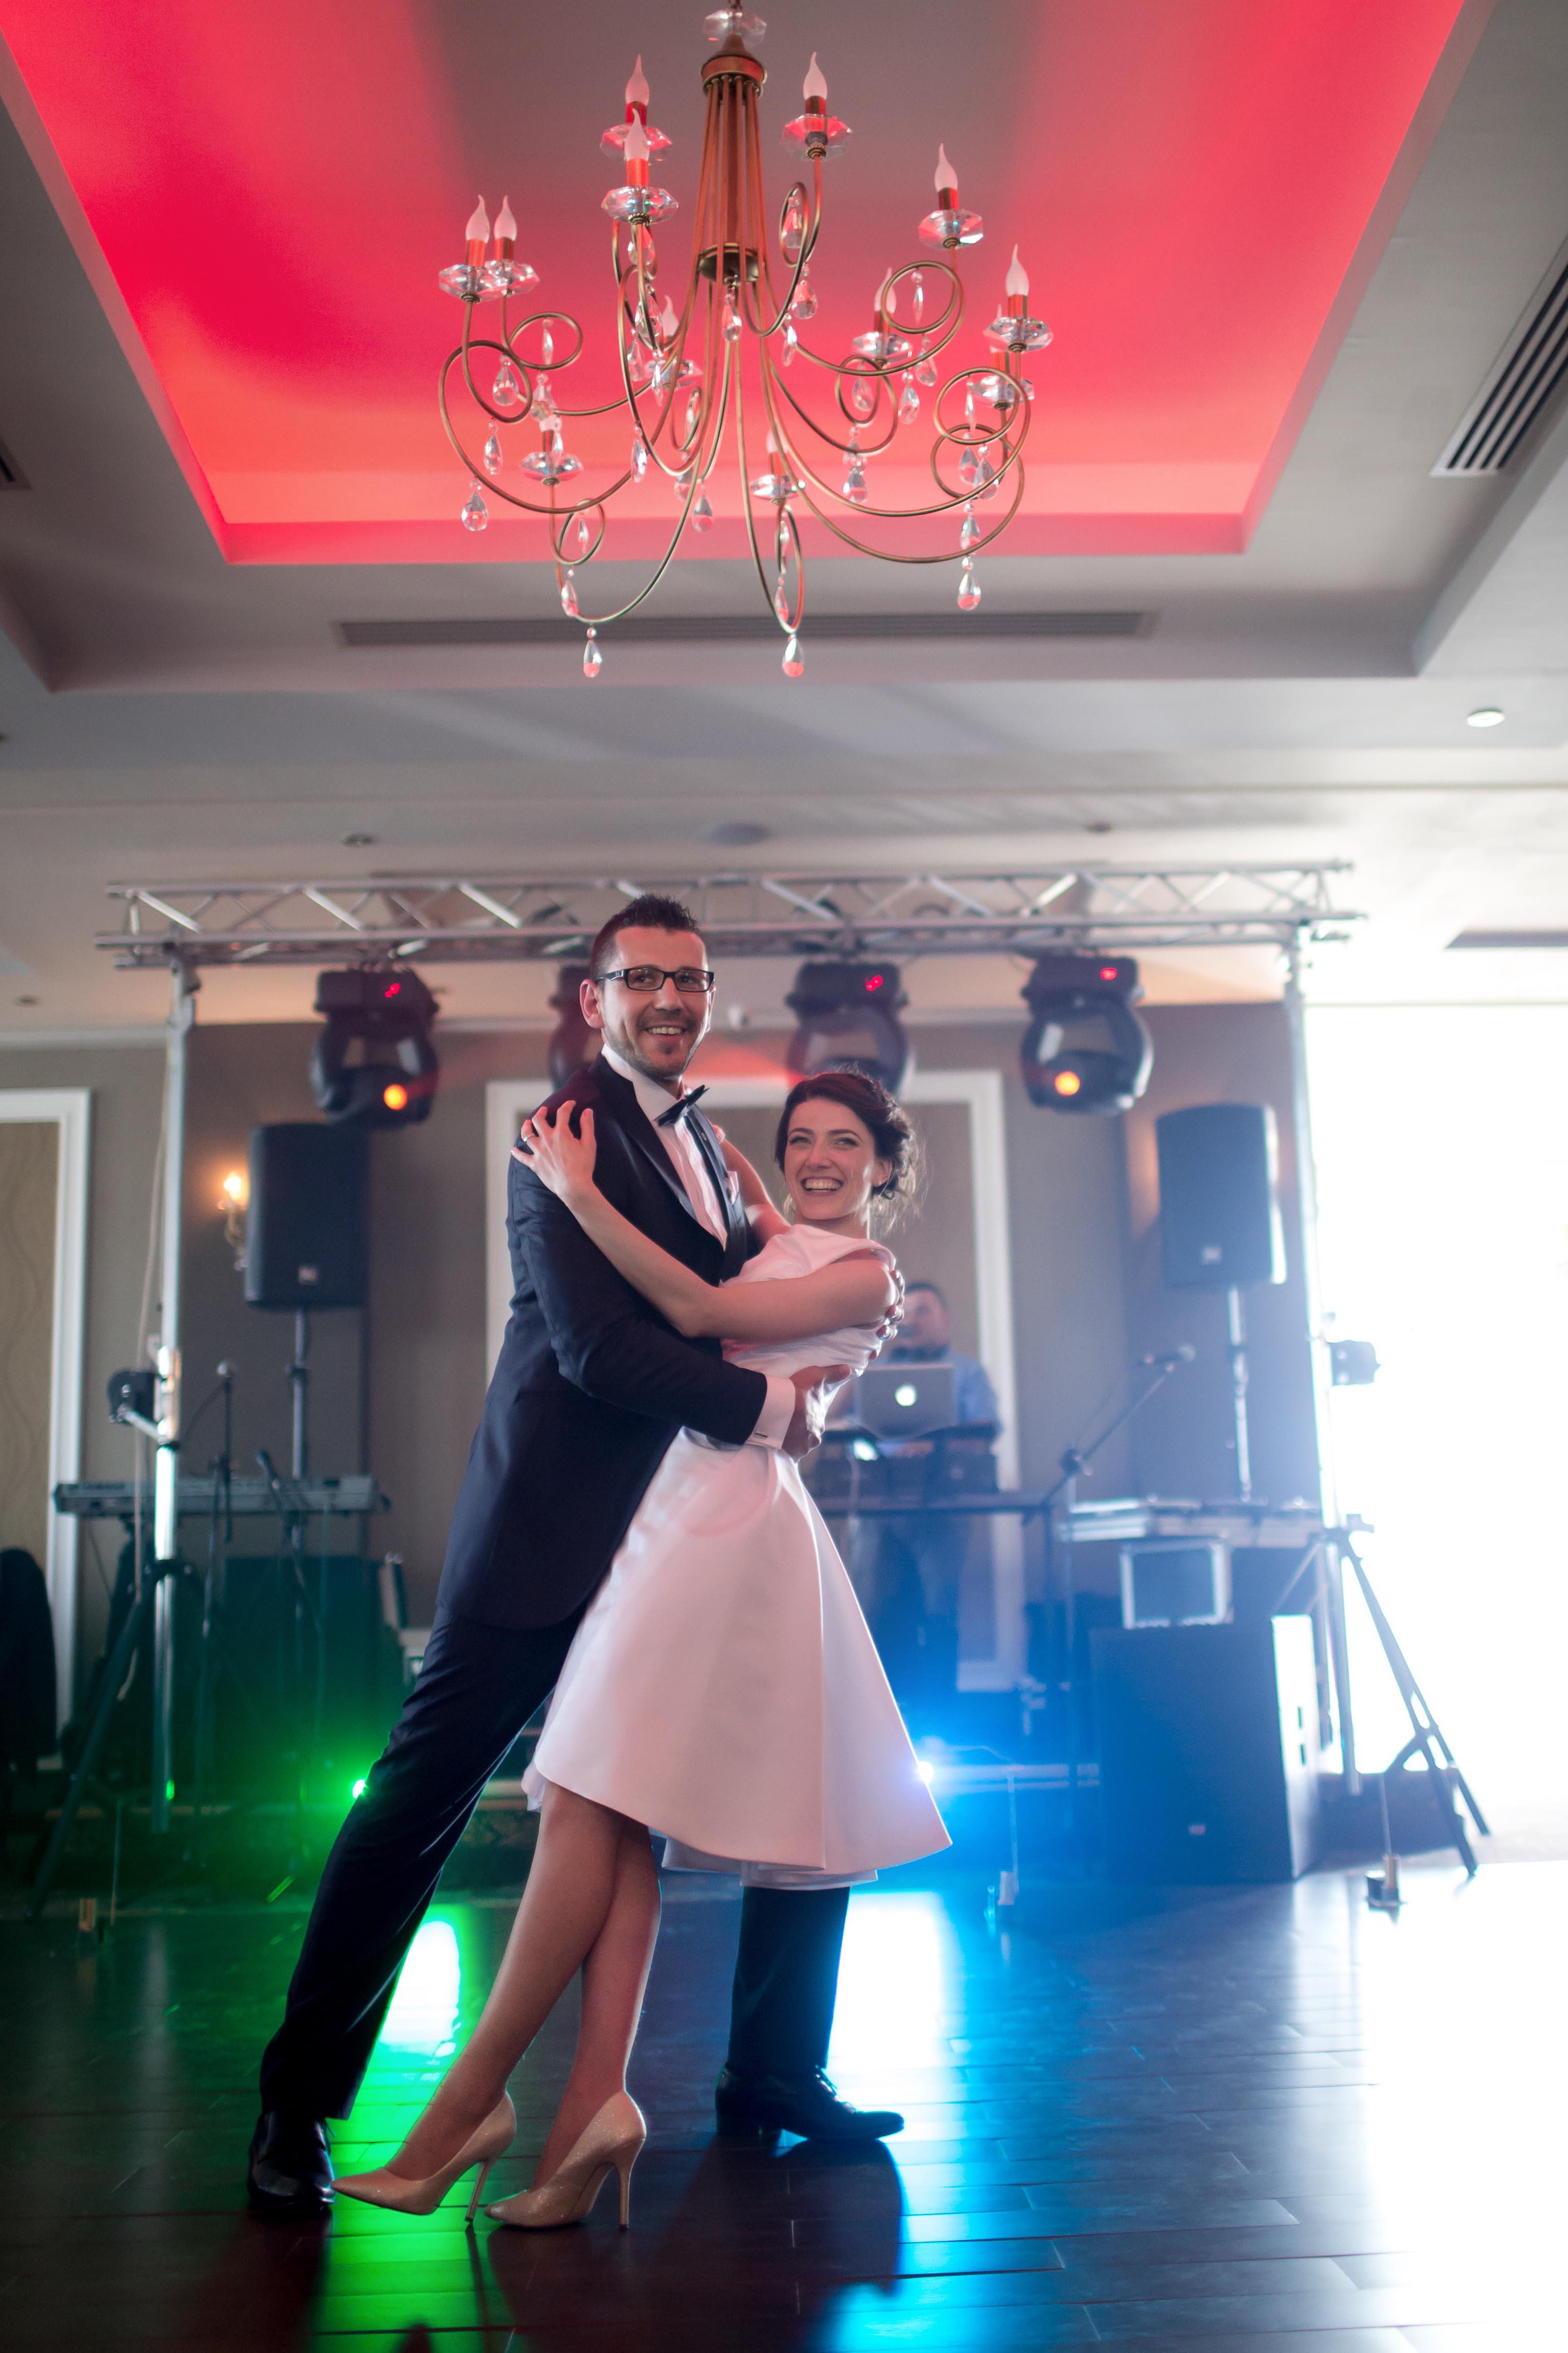 Baile Boda Swing Clases Baile de Boda Swing Clases de Baile de Boda Baile de Novios Baile Nupcial Clases Online Juan Brenes Dancer